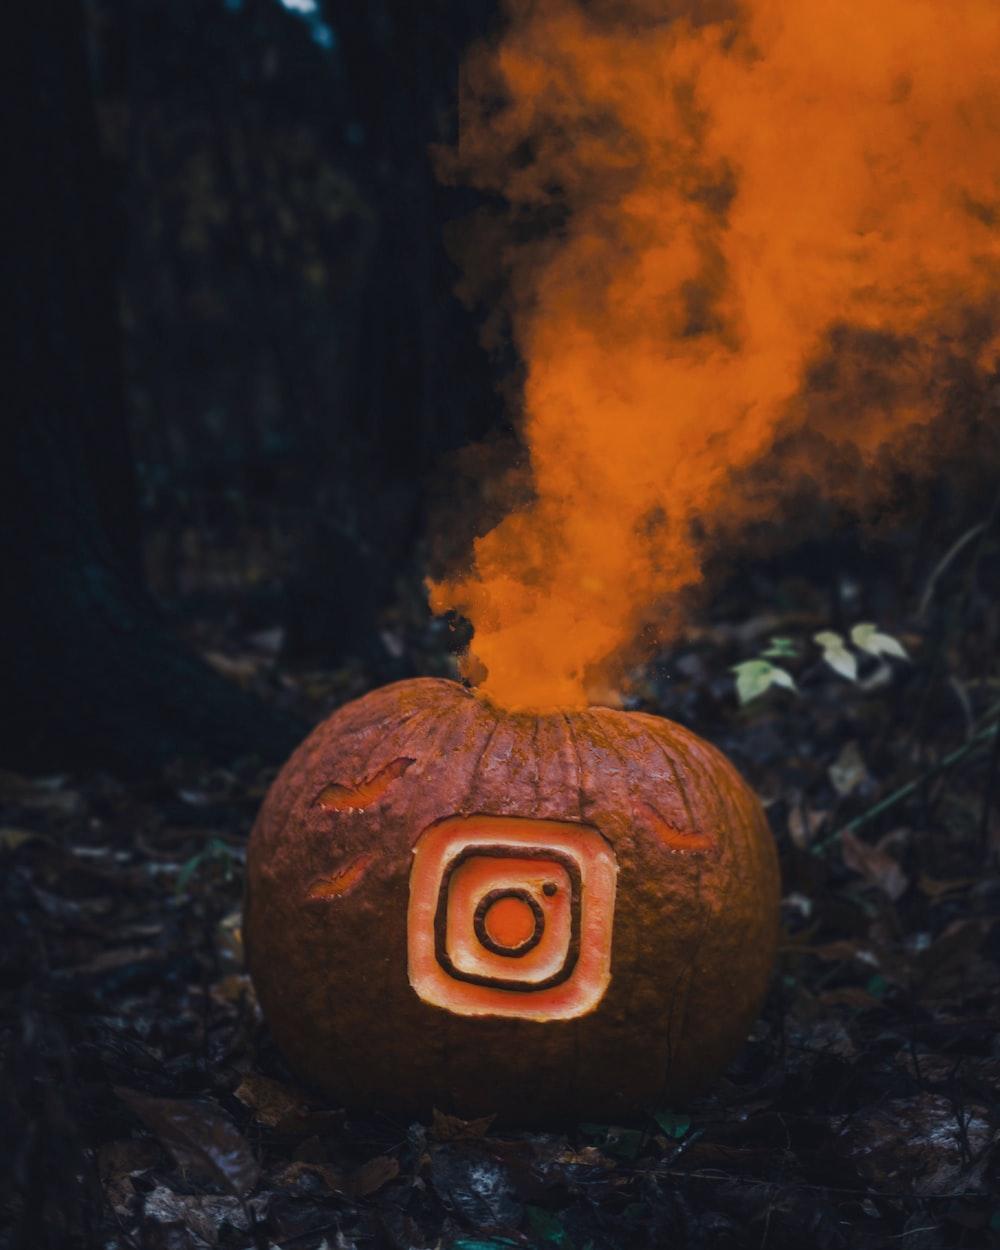 Jack-O-Lantern emitting smoke